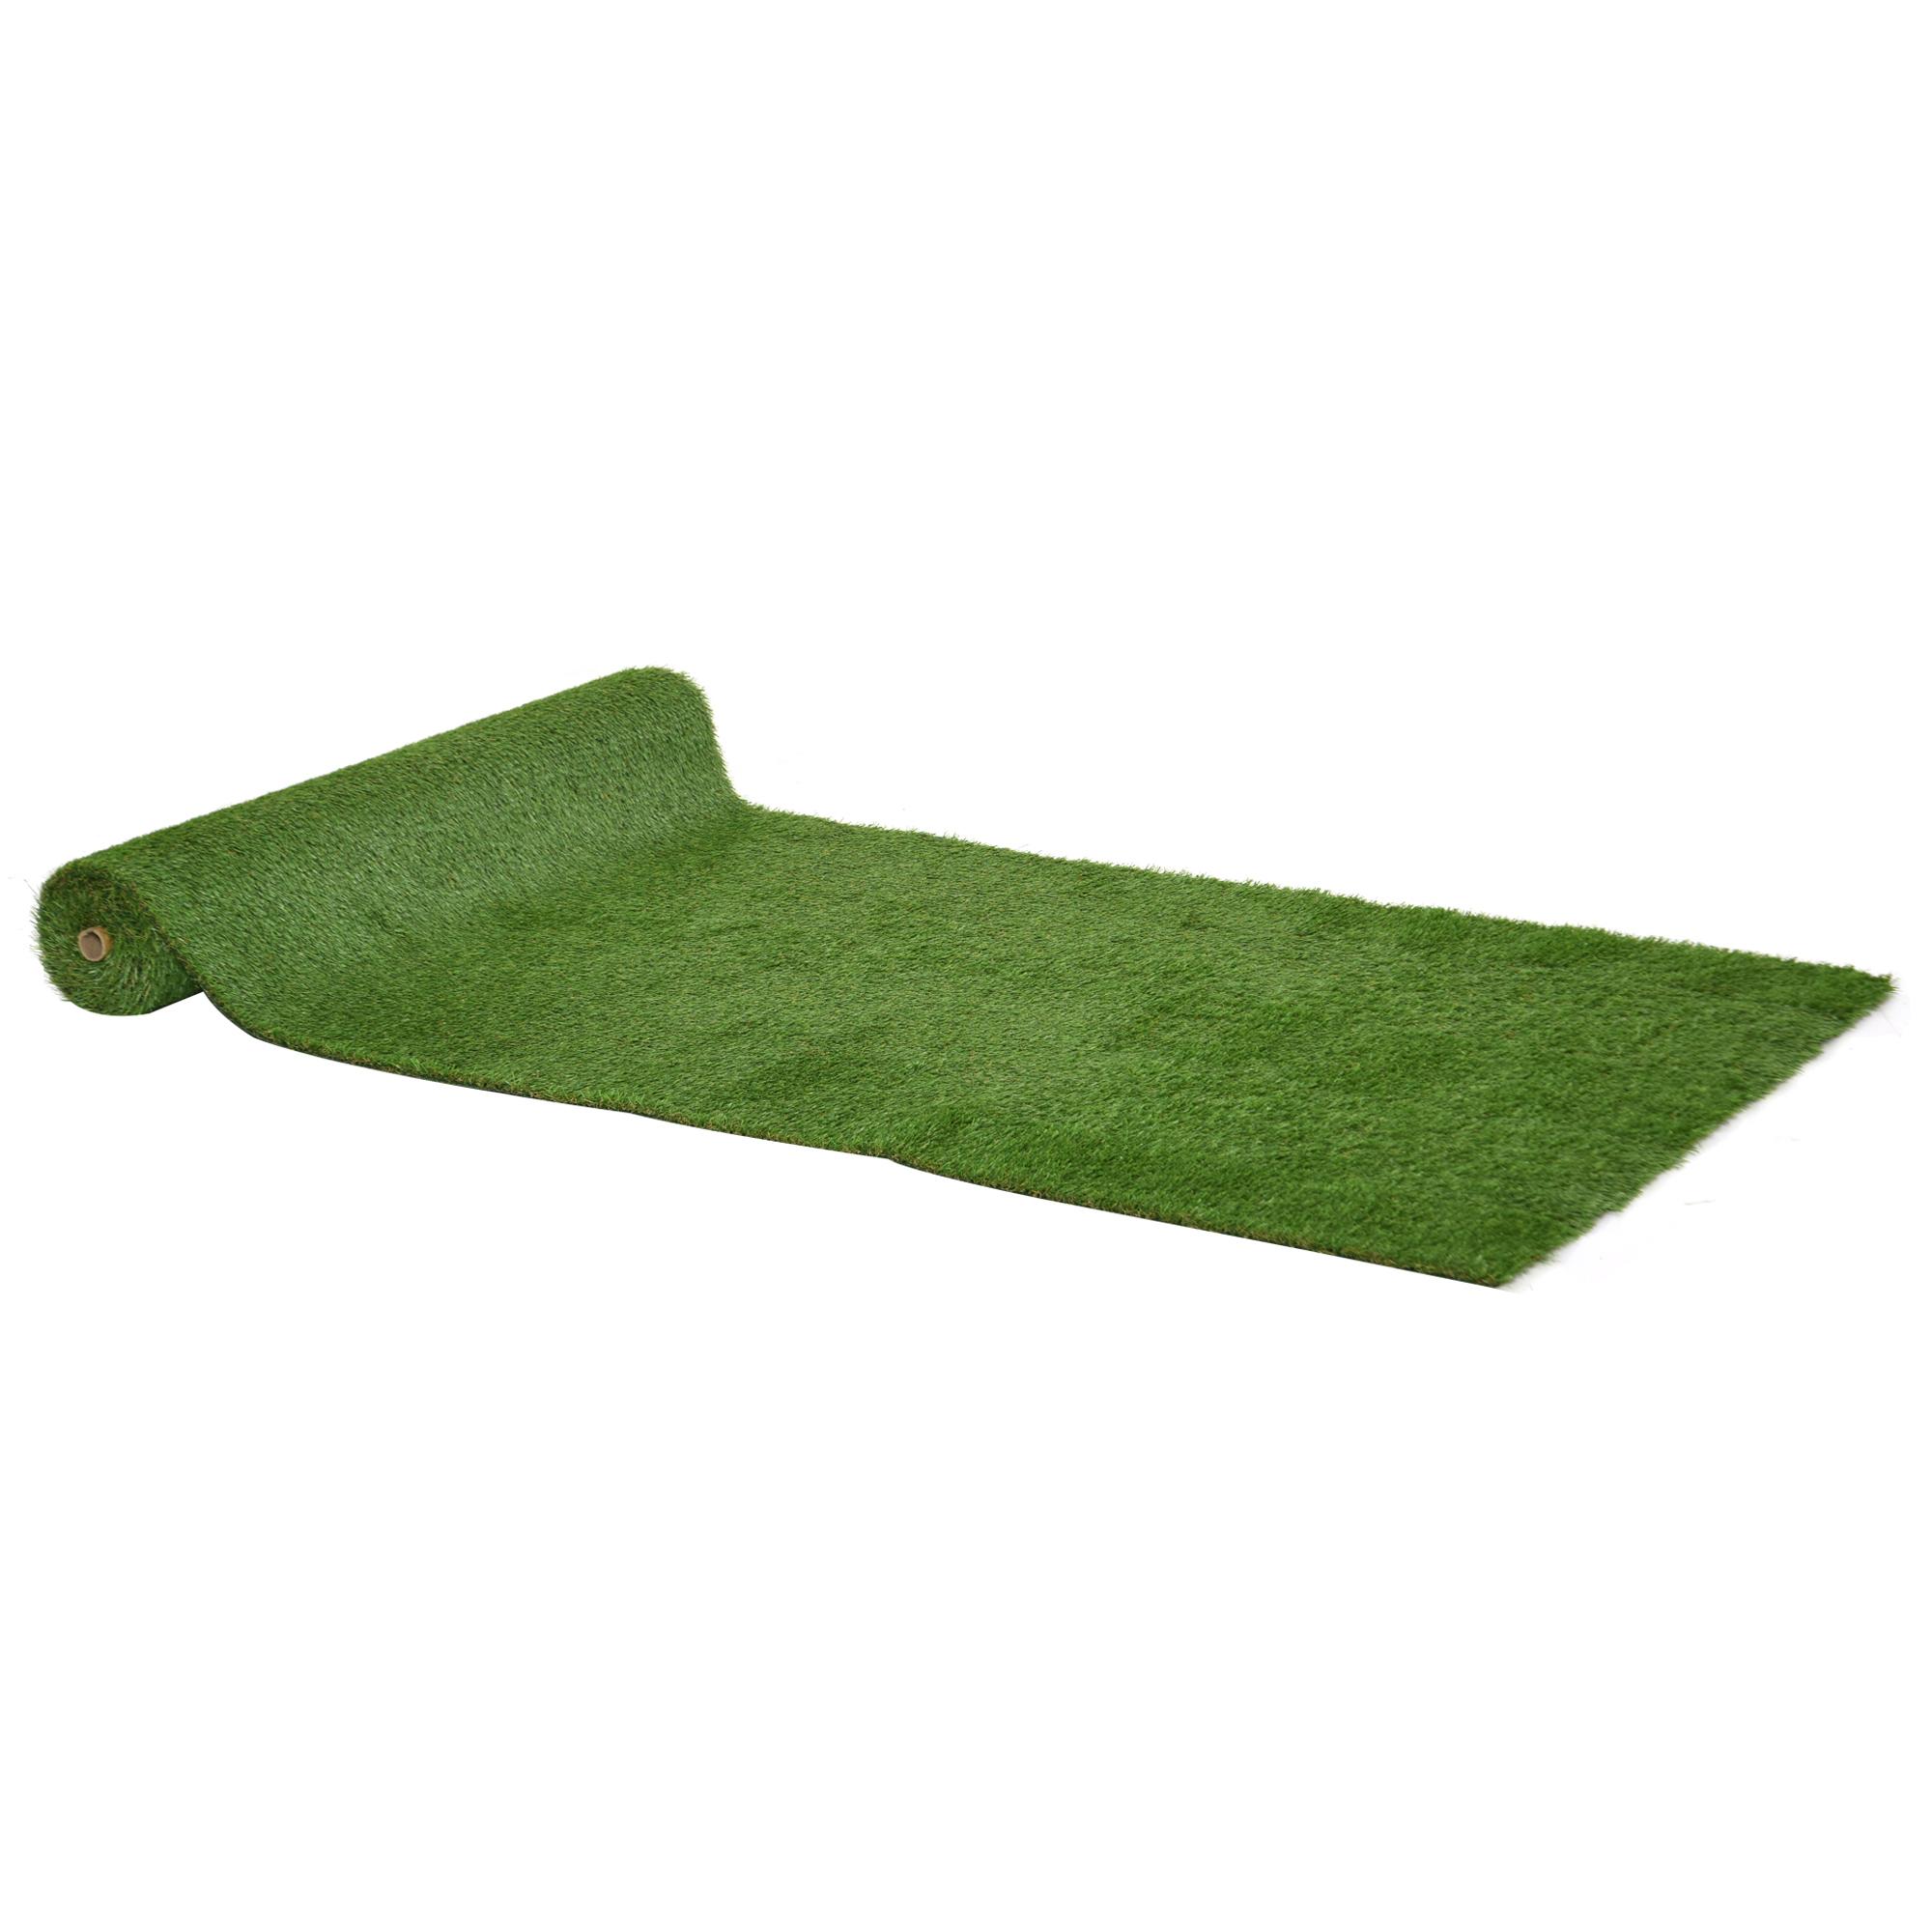 Gazon artificiel synthétique 4L x 1l m herbes hautes denses vert